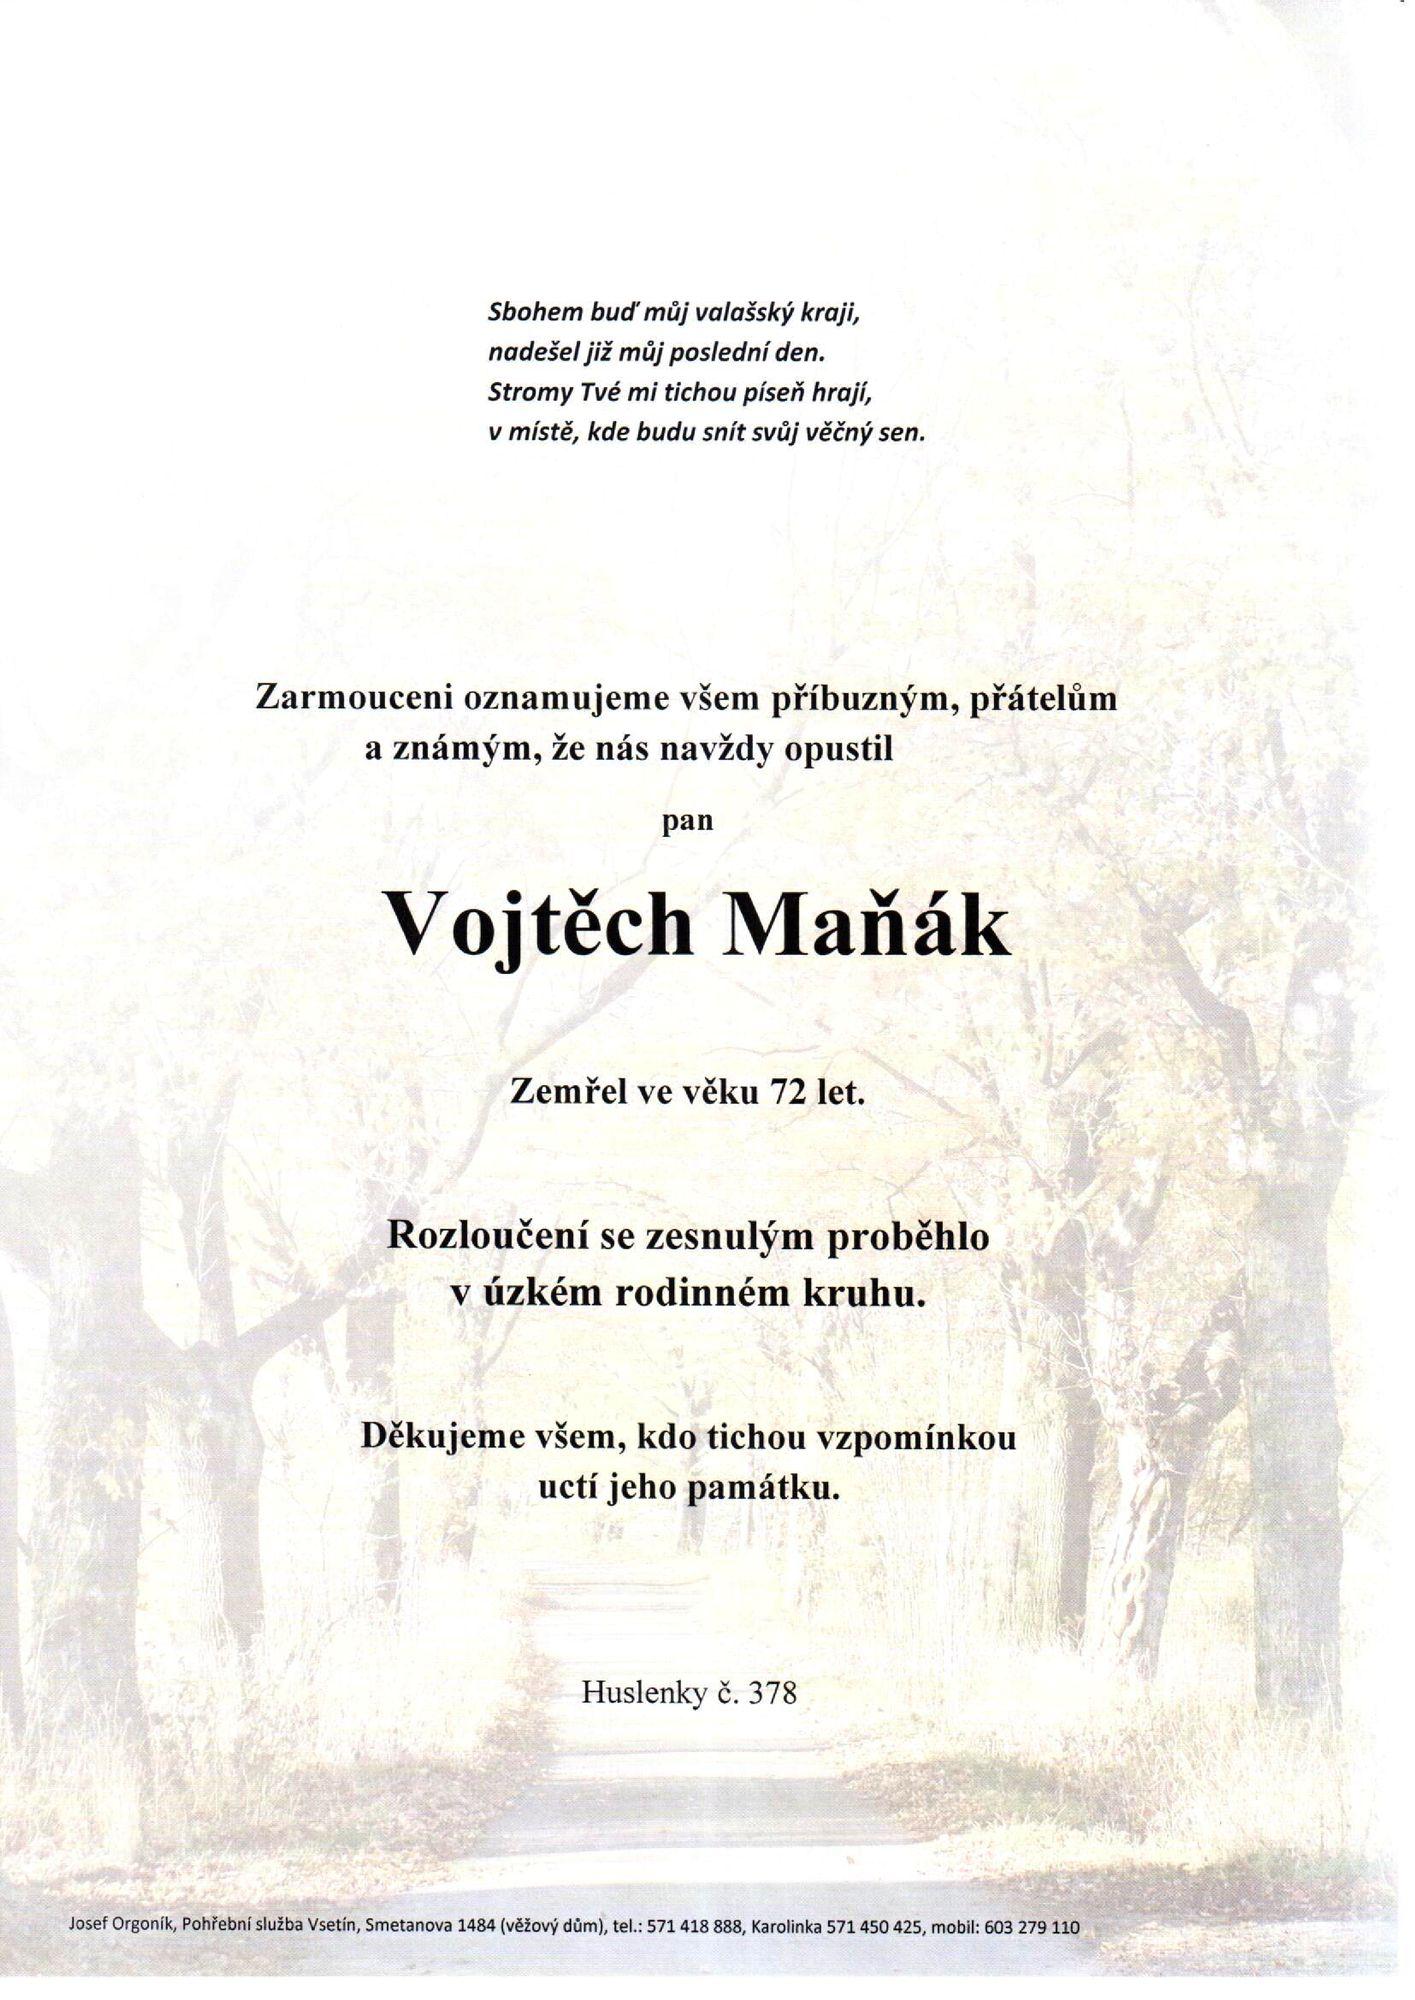 Vojtěch Maňák